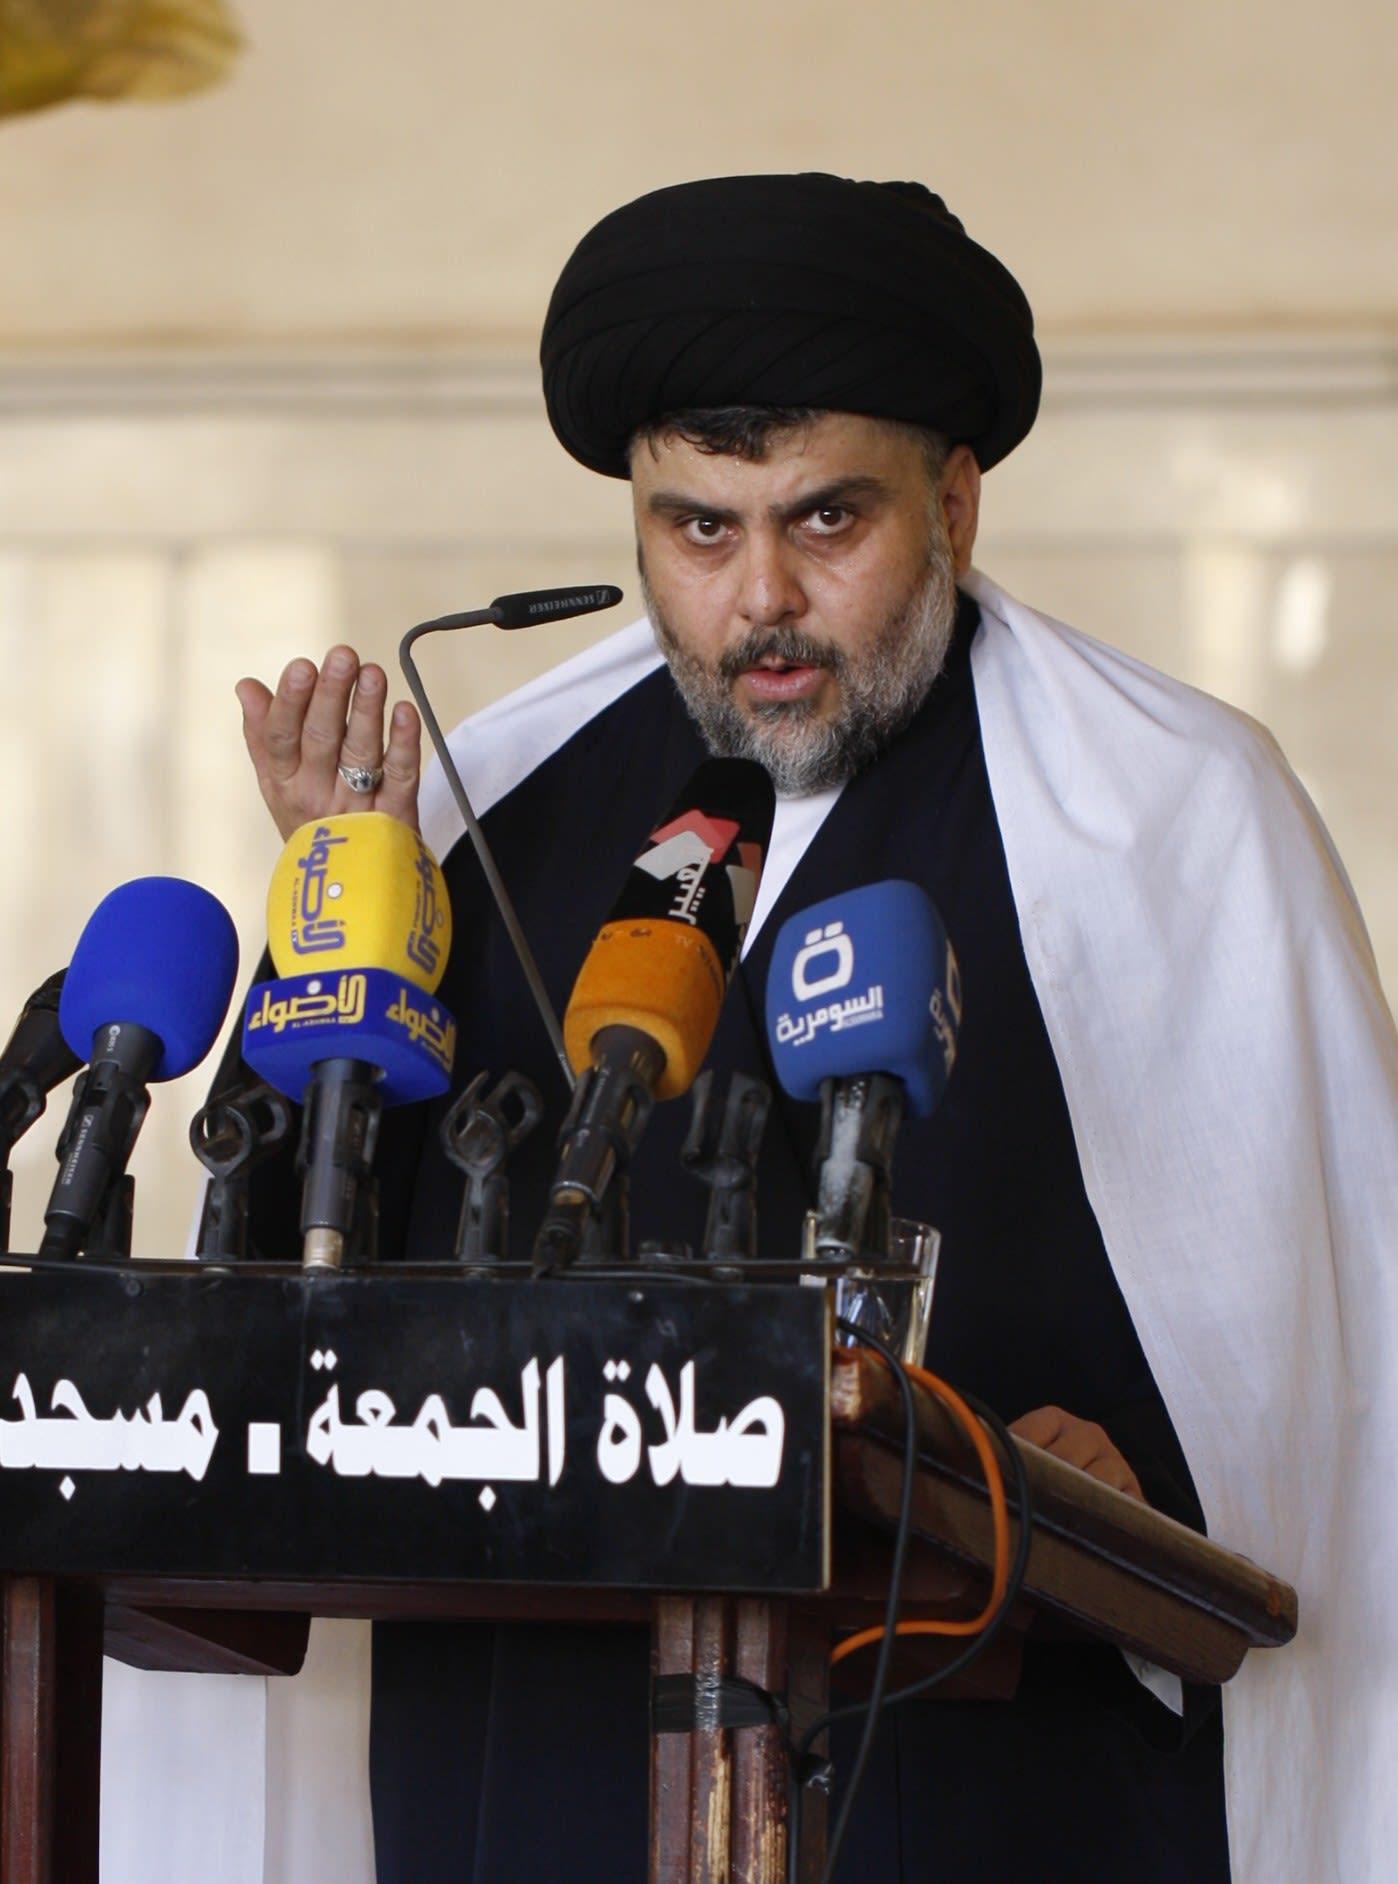 """الصدر يهاجم """"المليشيات الوقحة"""" المقاتلة إلى جانب حكومة بغداد: يذبحون ويعتدون ويشوهون سمعة الشيعة"""